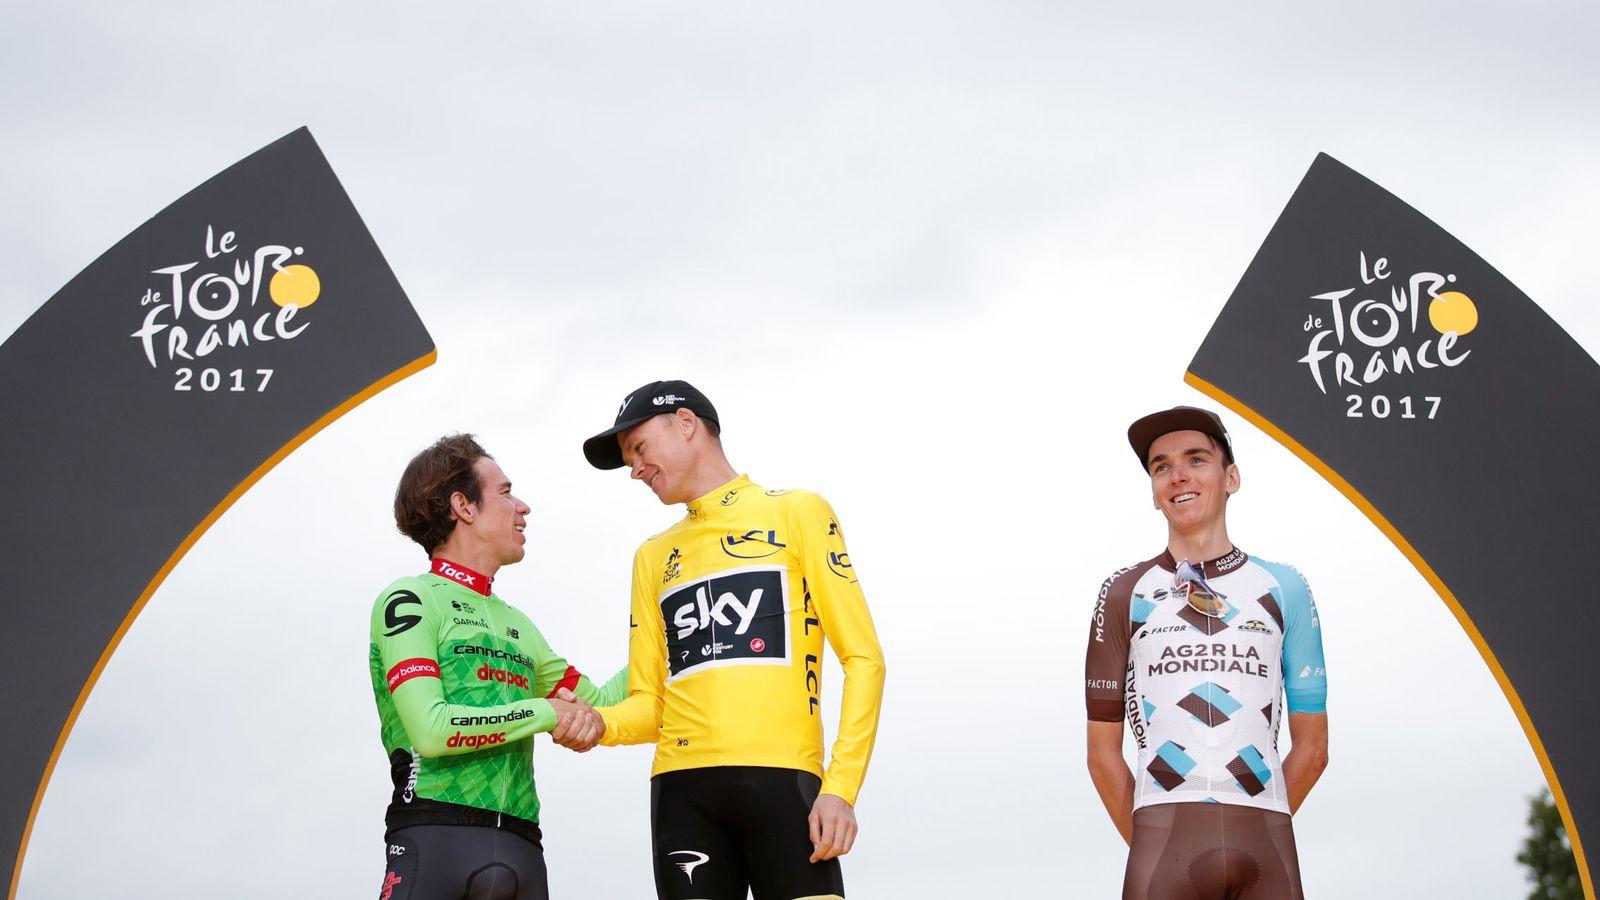 Foto: Chris Froome (c) ganó este domingo su cuarto Tour de Francia. Junto a él subieron al podio Rigoberto Urán (i) y Romain Bardet (d). (Reuters)